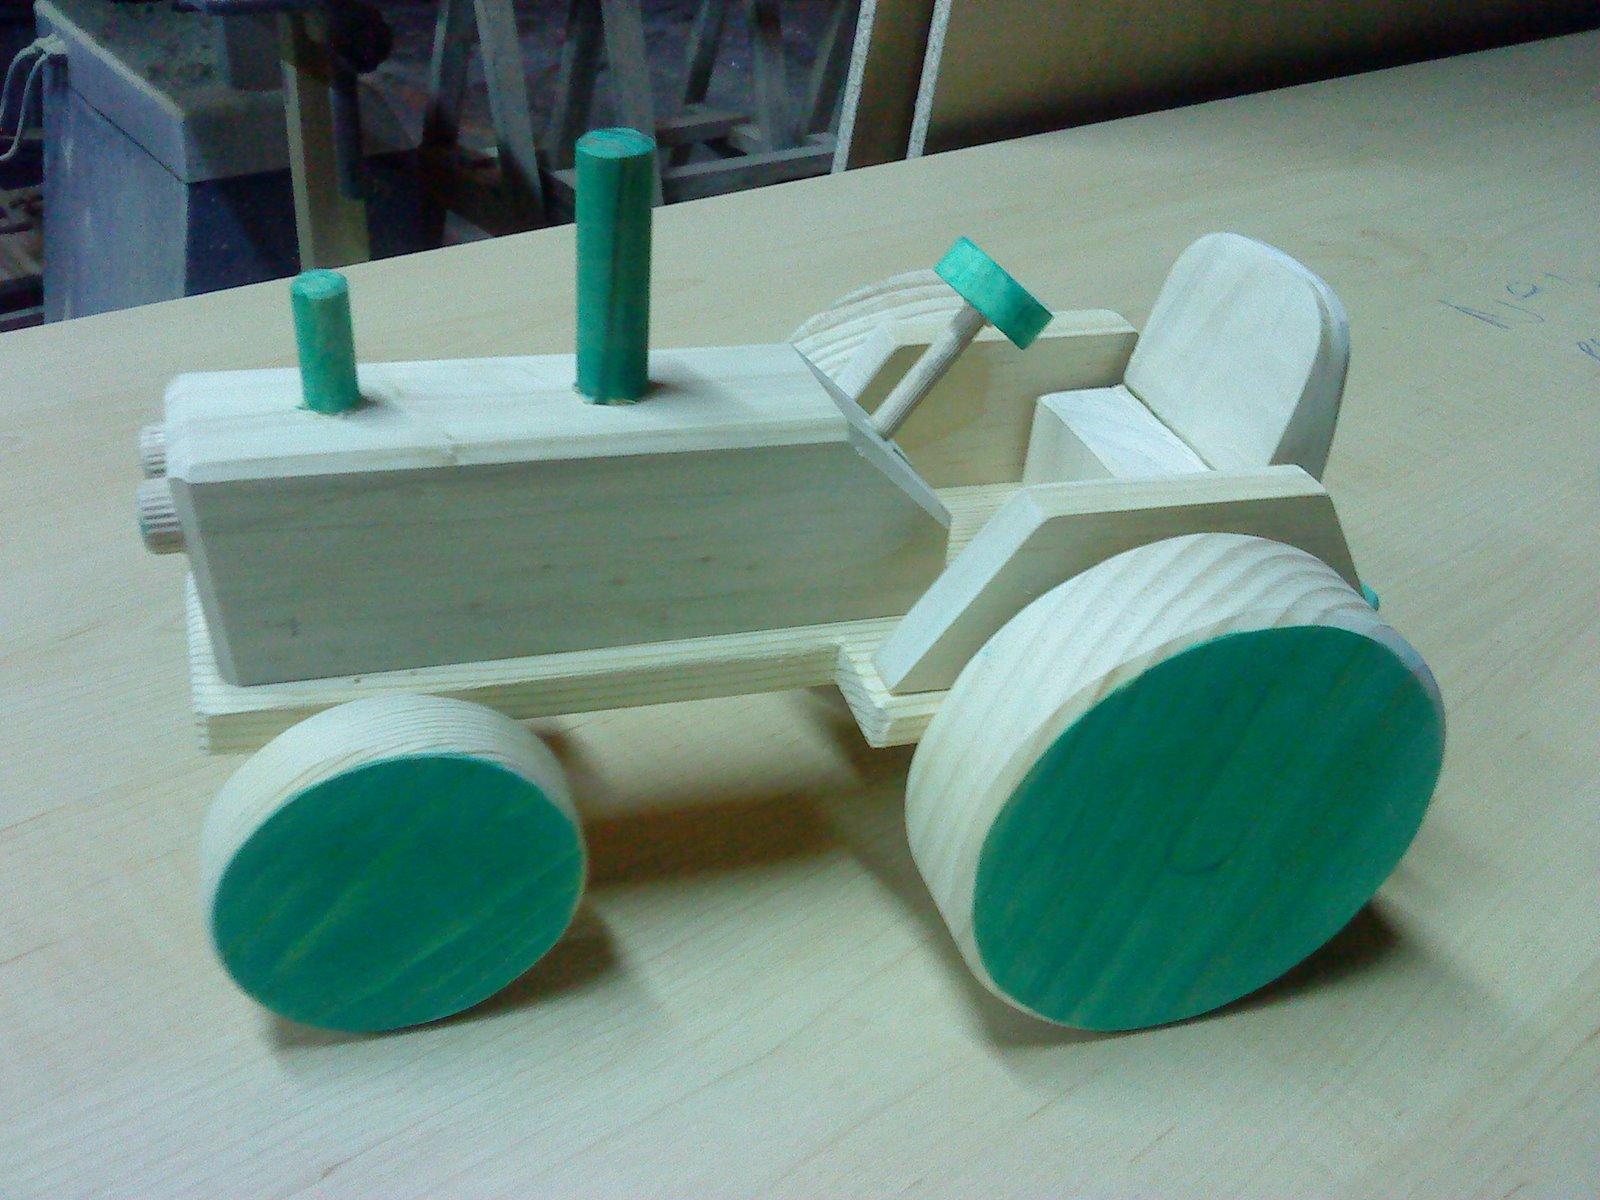 Mas juguetes de madera tractor - Jugueteros de madera ...